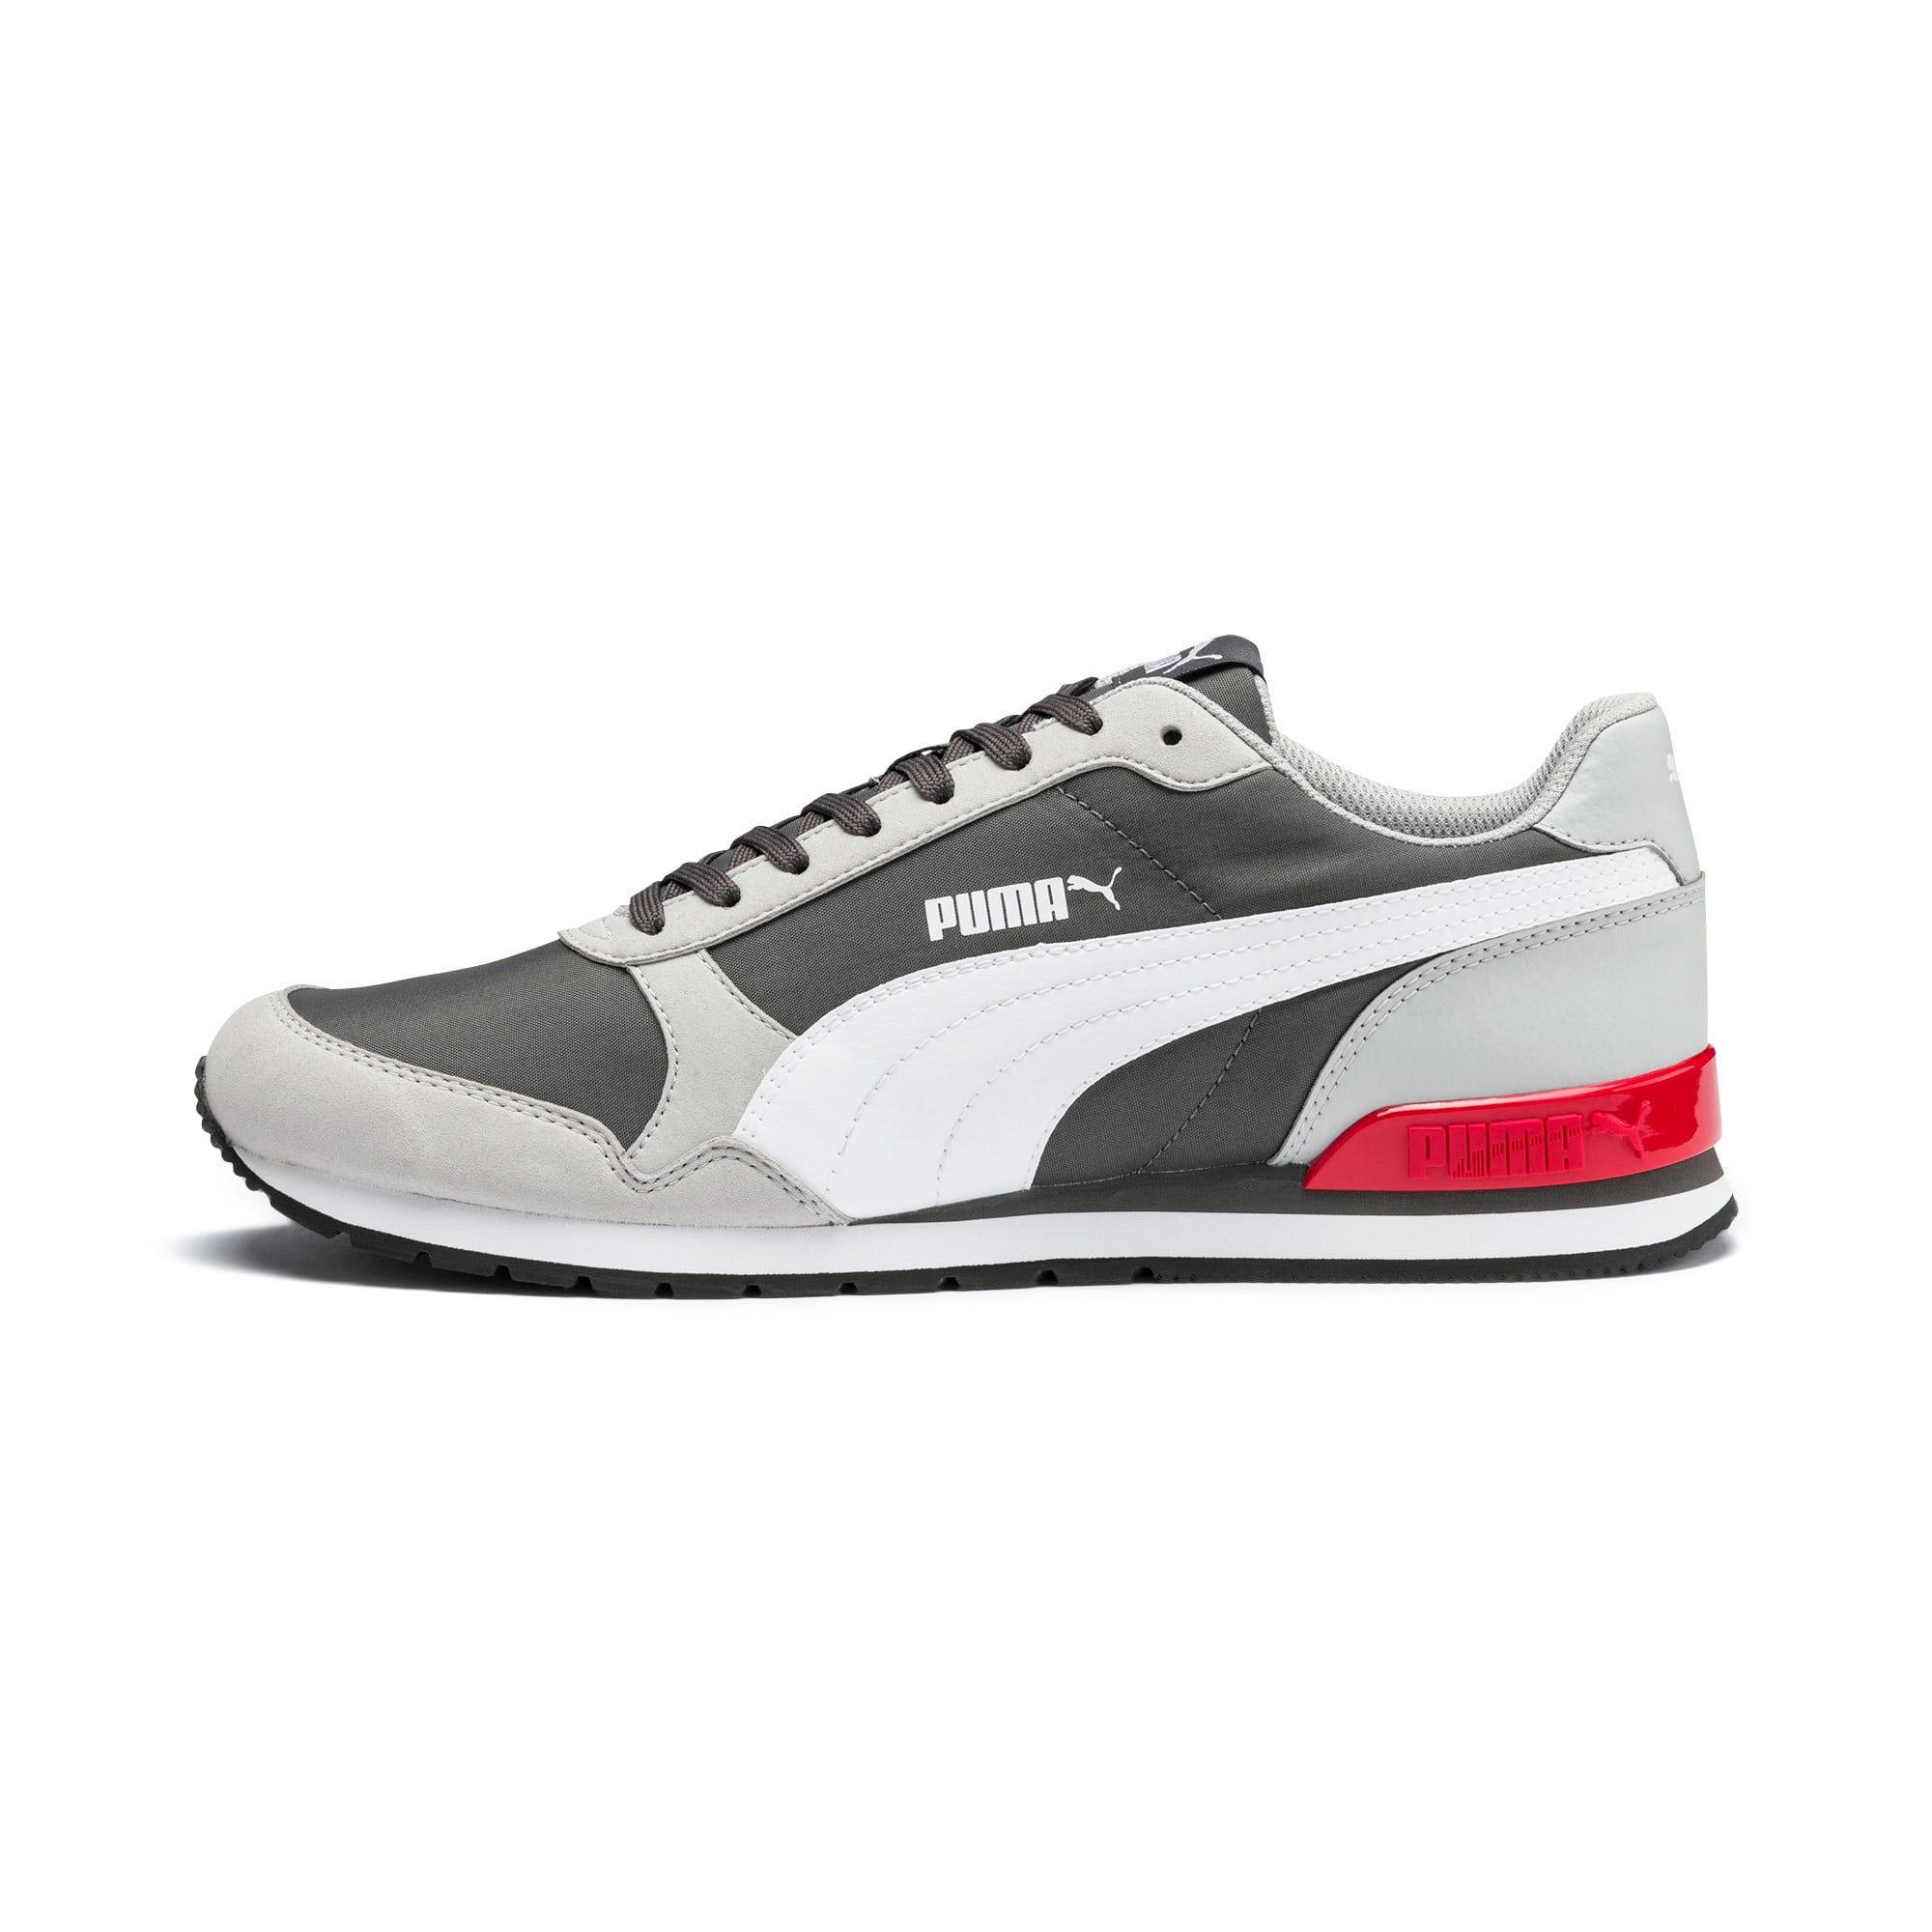 Thumbnail 1 of ST Runner v2 Sneakers, CASTLEROCK-High Rise, medium